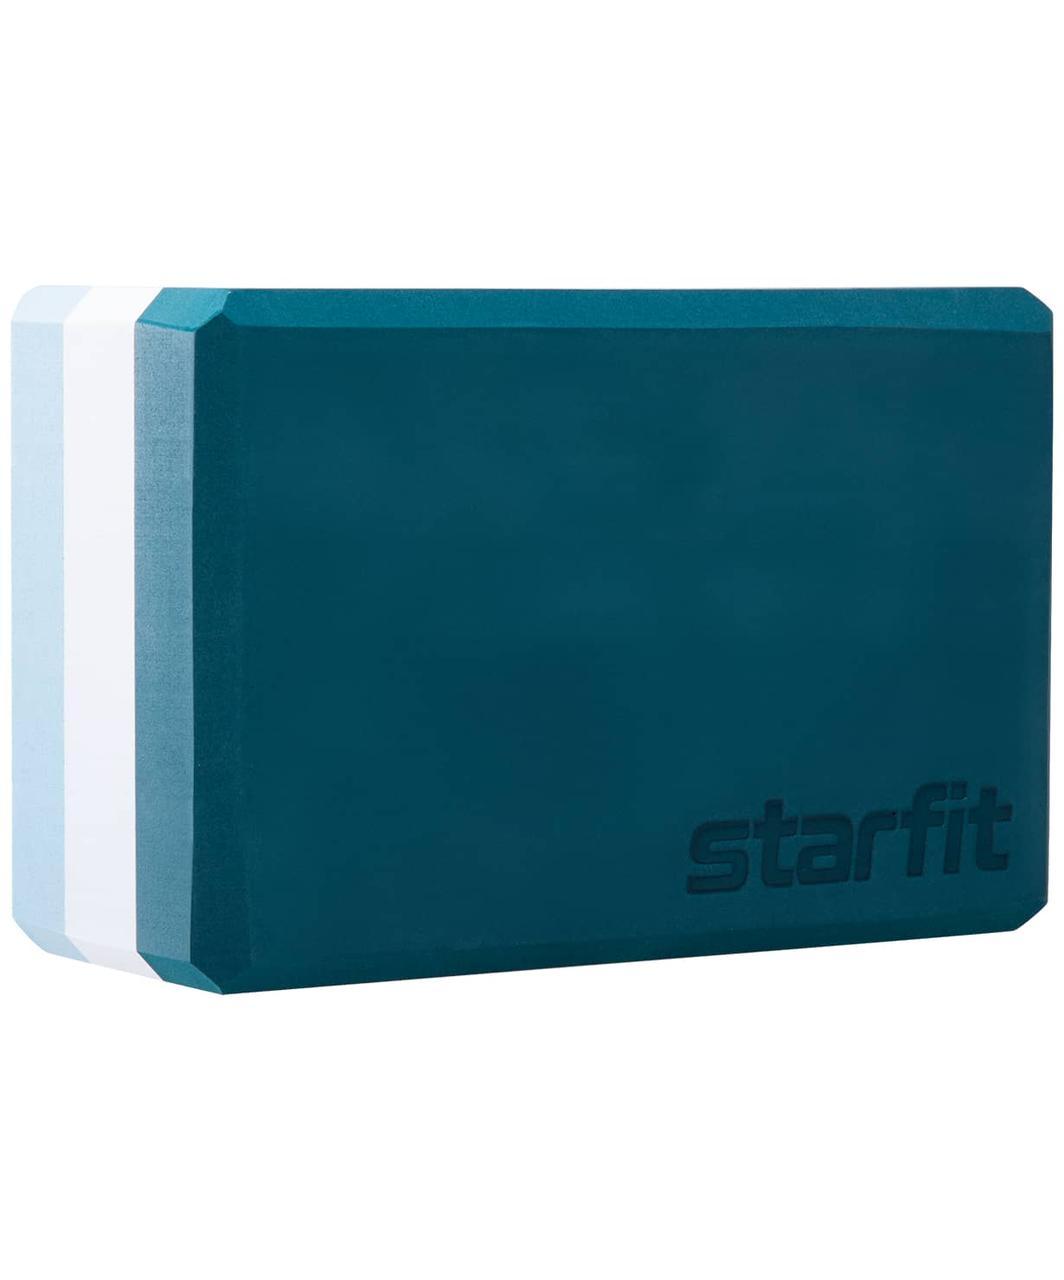 Блок для йоги YB-201 EVA, 22,8х15,2х10 см, 350 гр,  Starfit